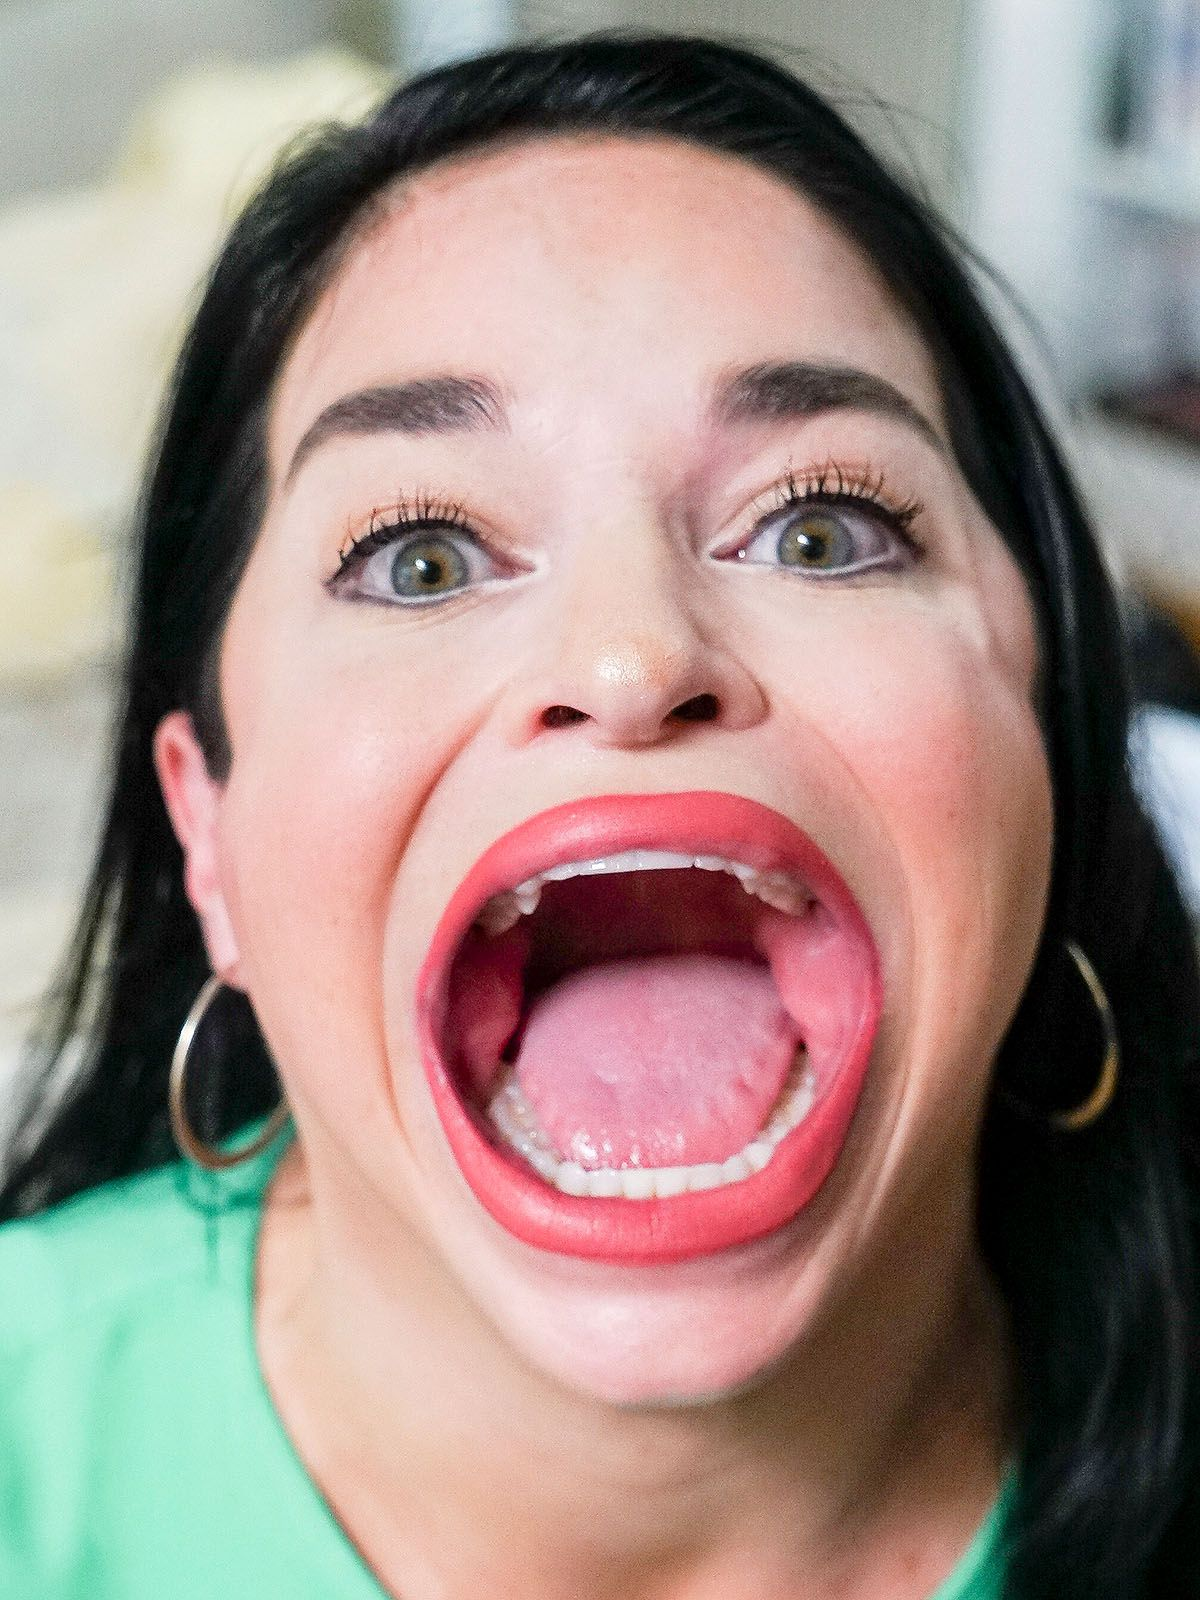 Samantha Ramsdell hat den größten Mund der Welt